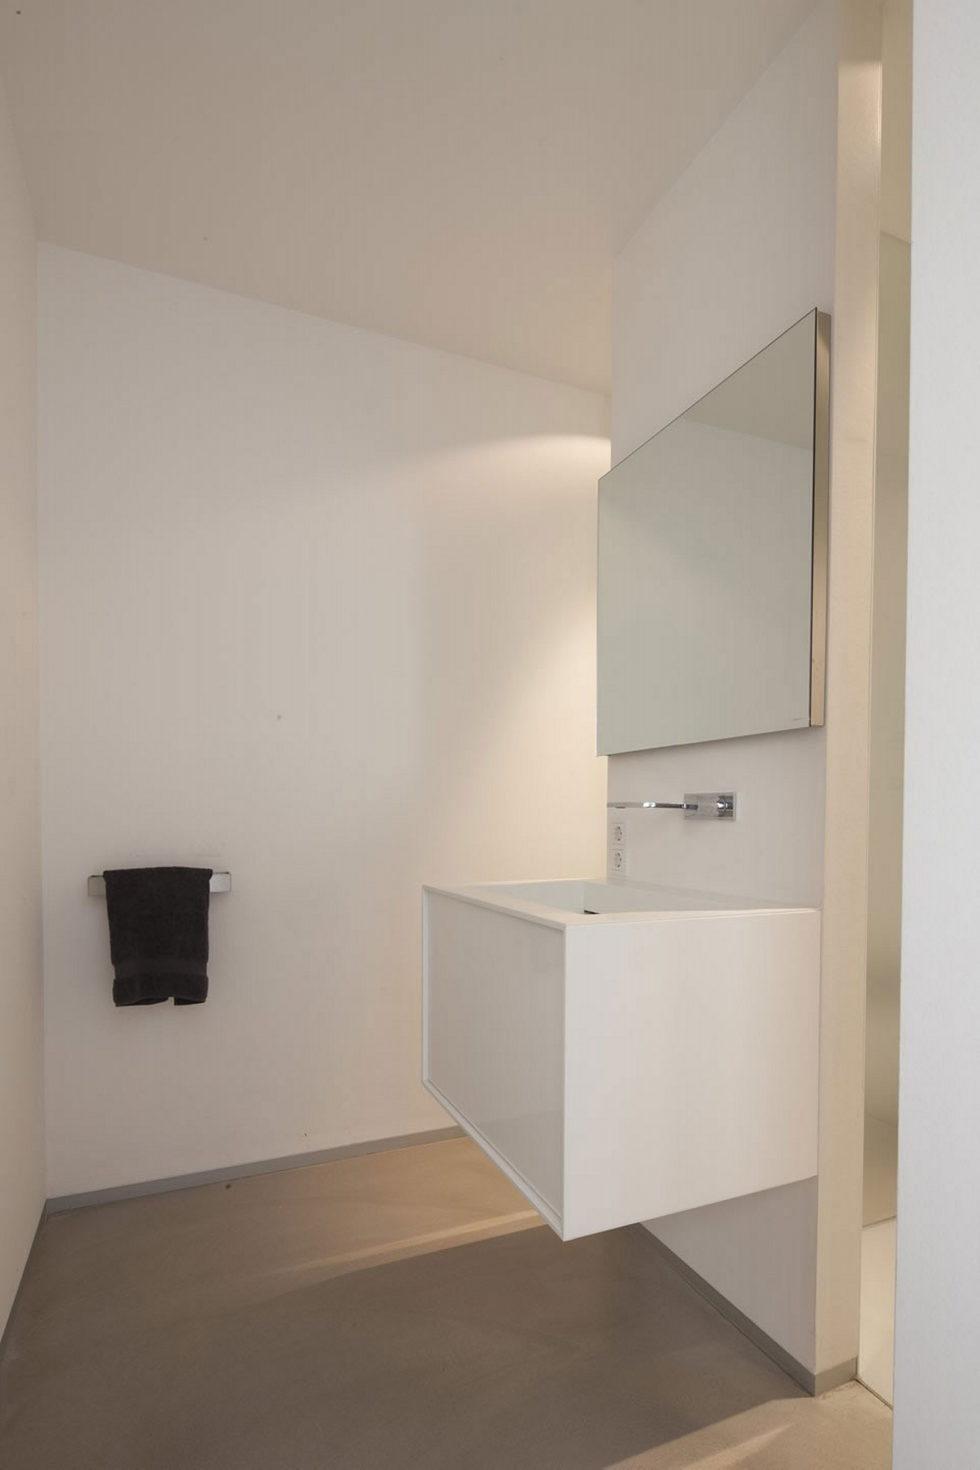 Spee Haelen Minimalism-Style Villa From Lab32 architecten Studio 26